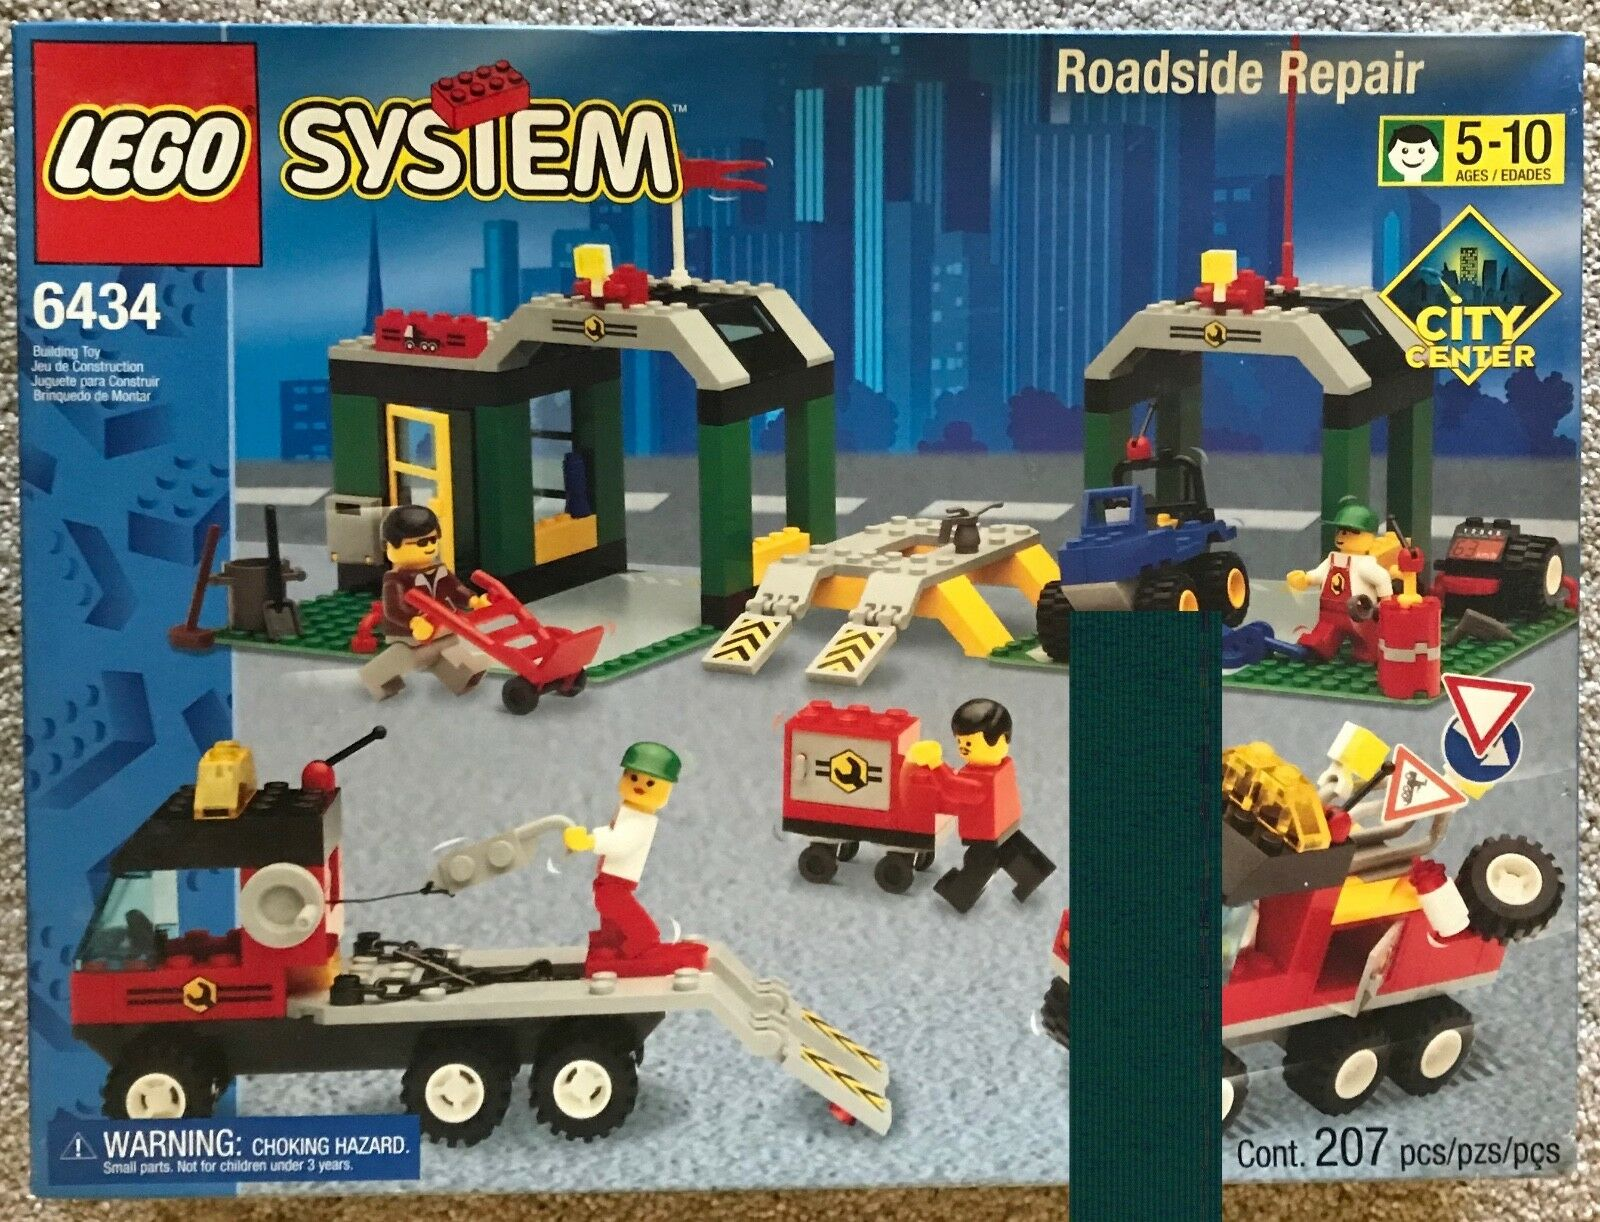 promozioni eccitanti LEGO città città città CENTER stradaside Repair (6434) nuovo, SEALED, RETIrosso  negozi al dettaglio